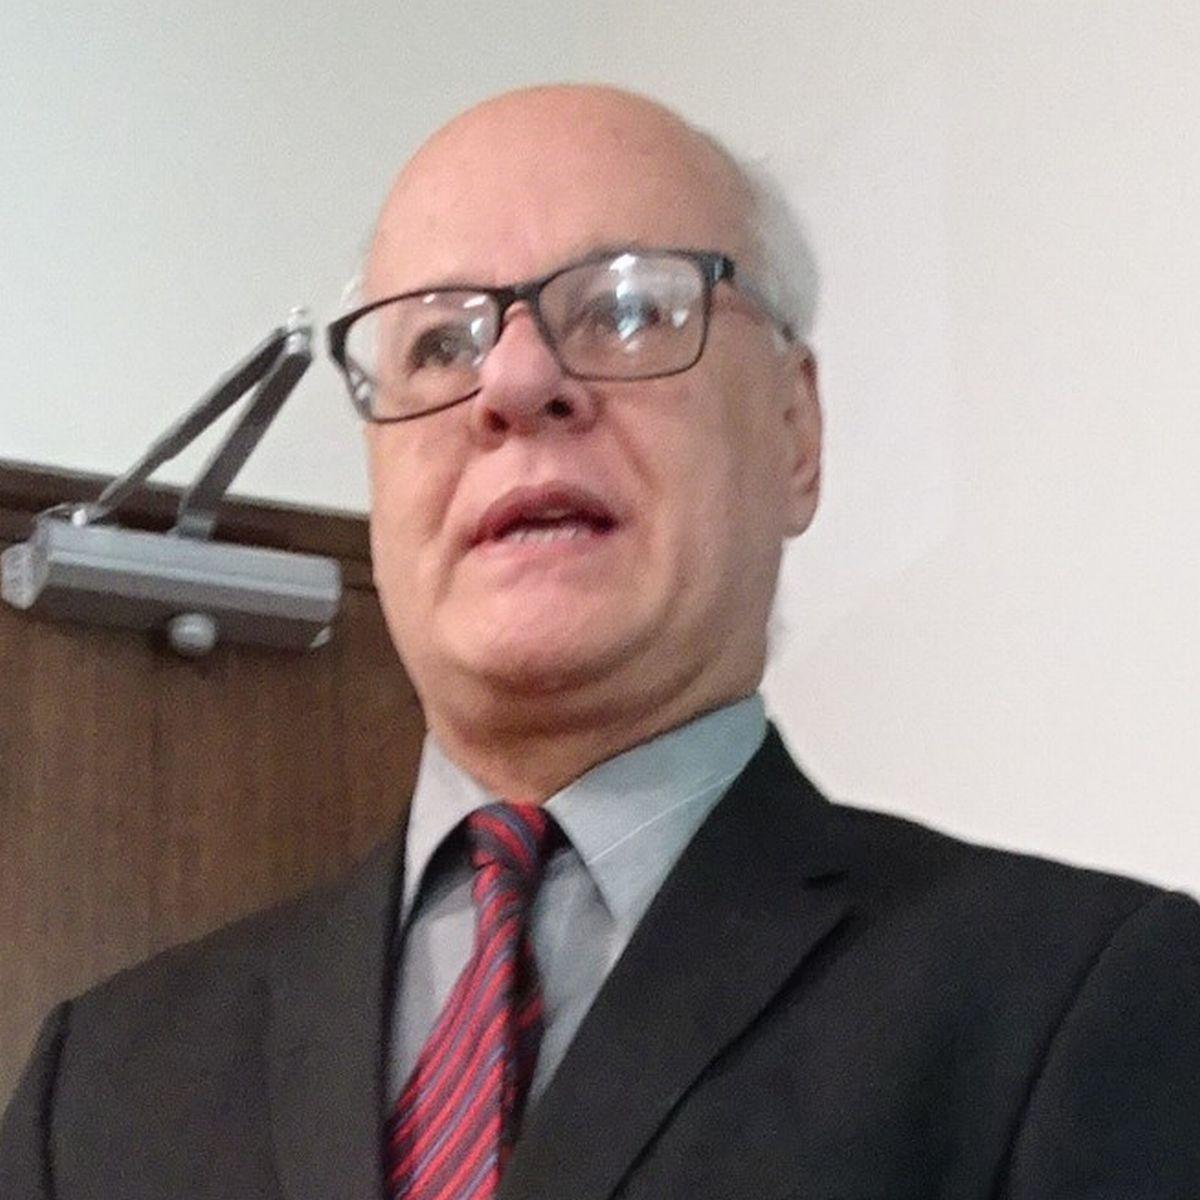 写真・図版 : コスタリカ憲法裁判所のフェルナンド・カスティジョ長官=2020年1月23日、筆者撮影